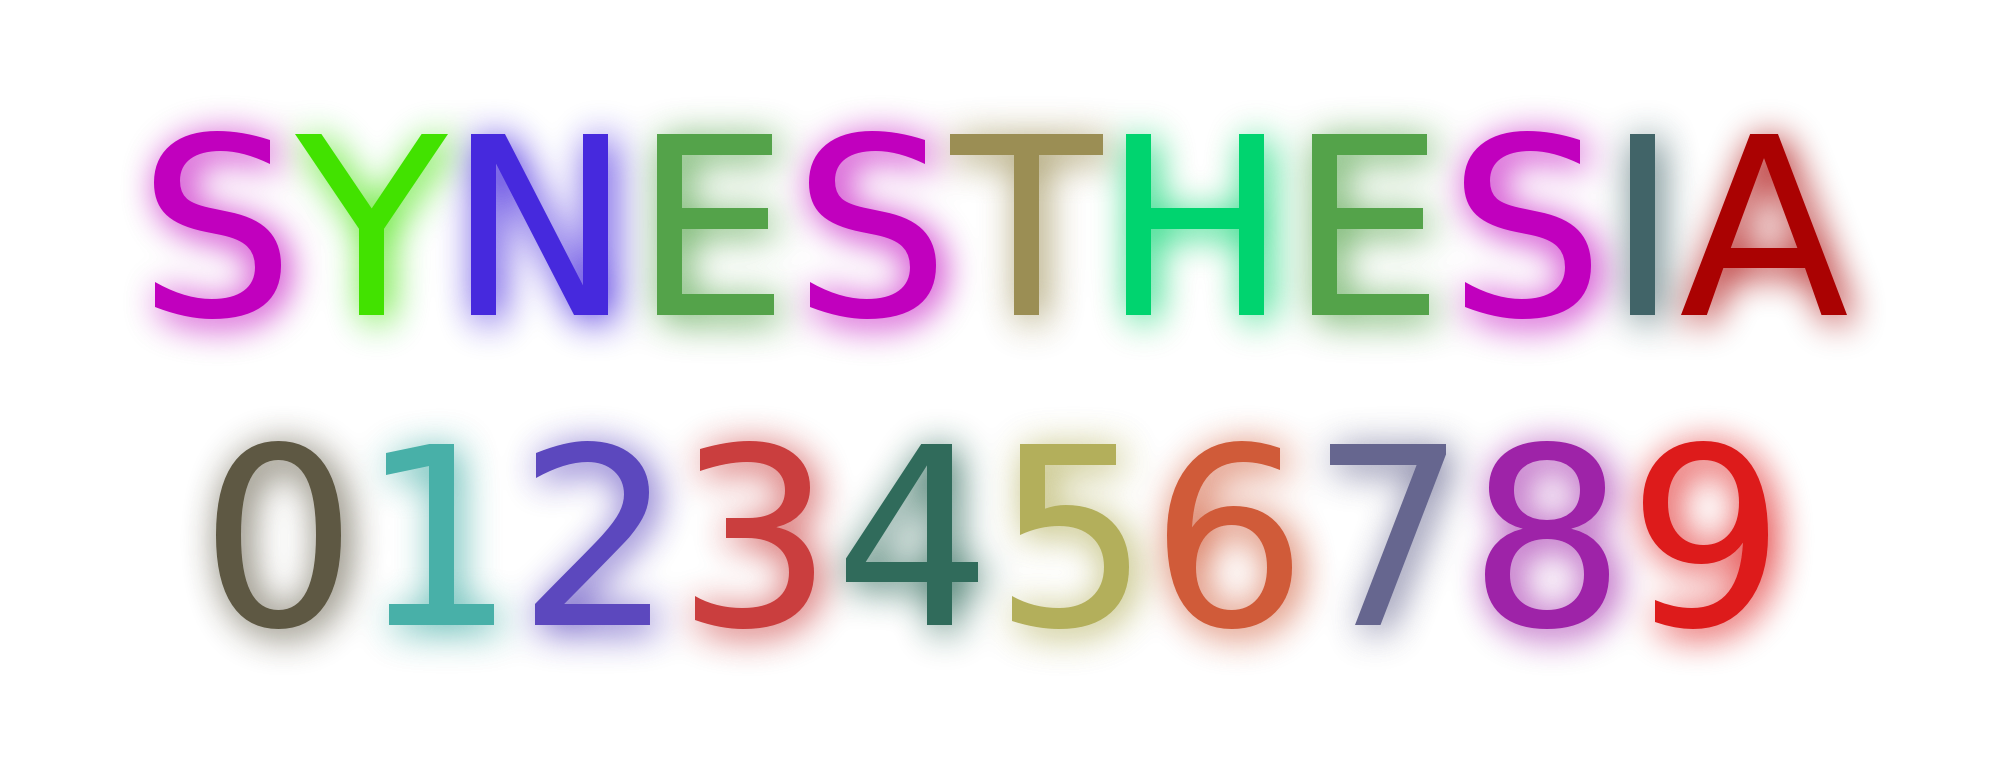 IMAGEM: Exemplo de sinestesia cor-grafema ou grafema-cor